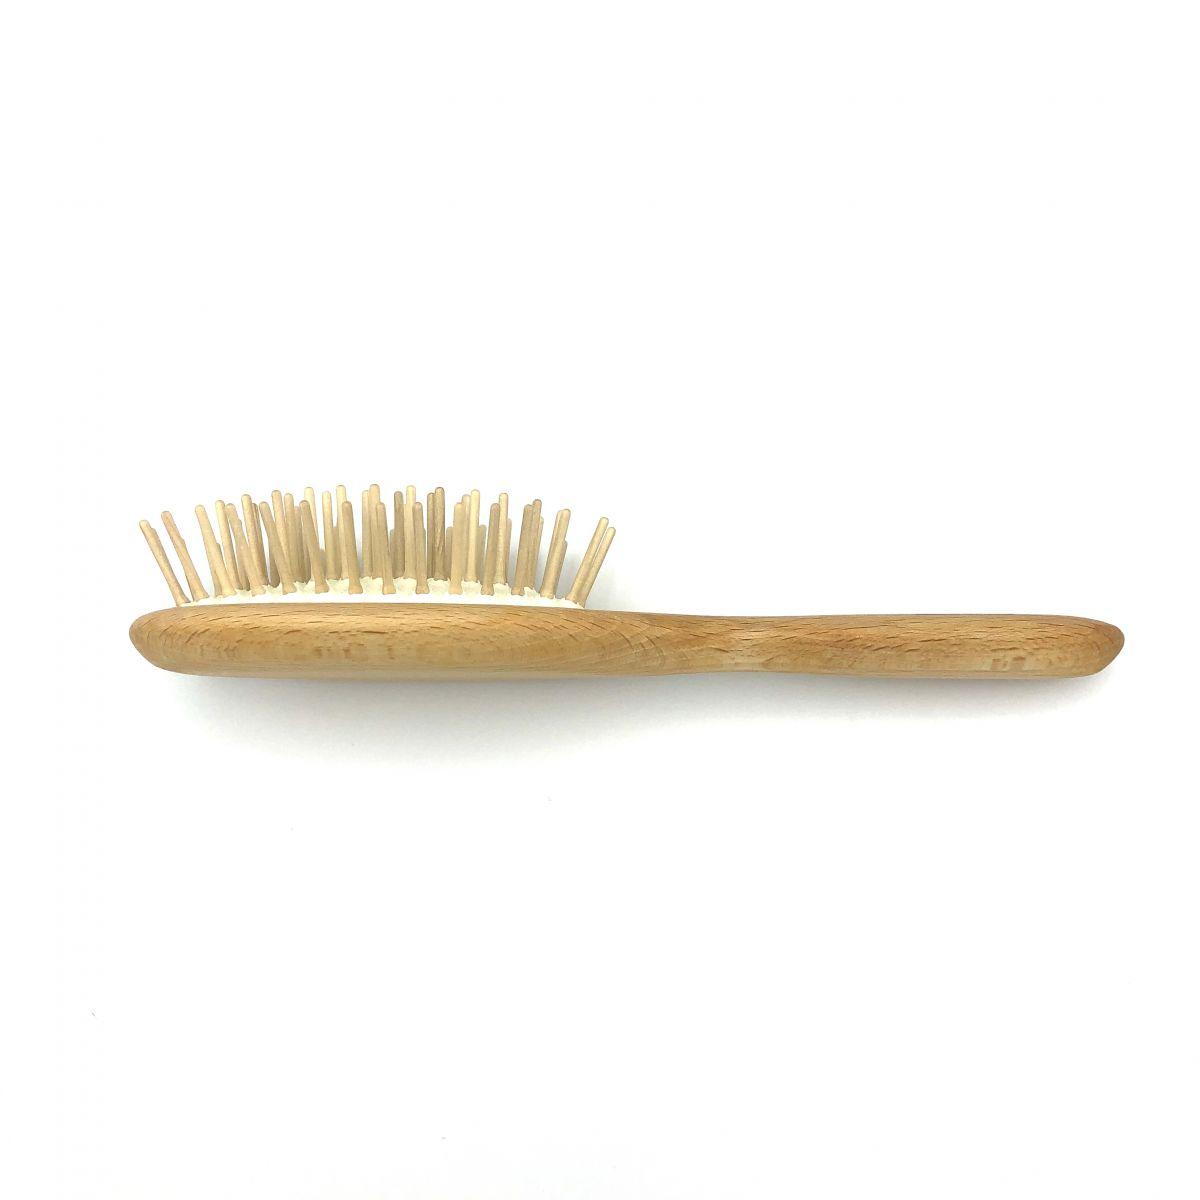 Haarbürste klein oval mit Holzstiften